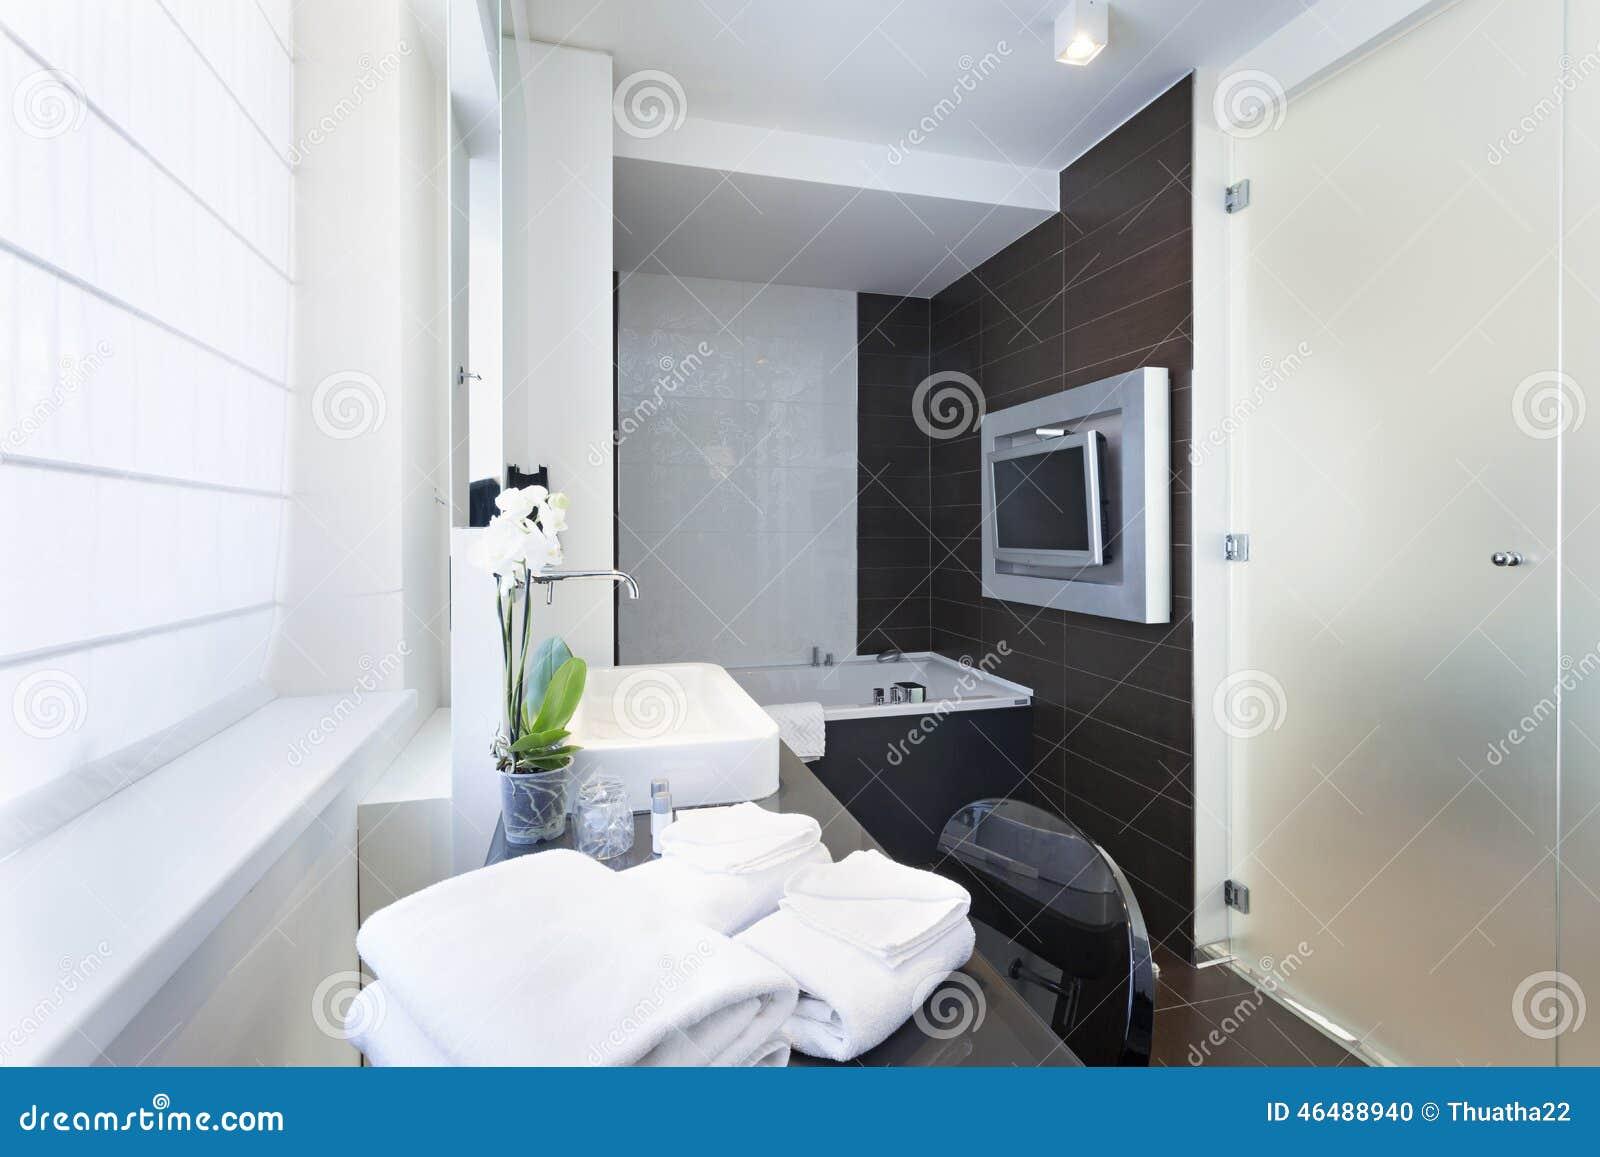 Роскошный интерьер ванной комнаты с ТВ установленным стеной Стоковое